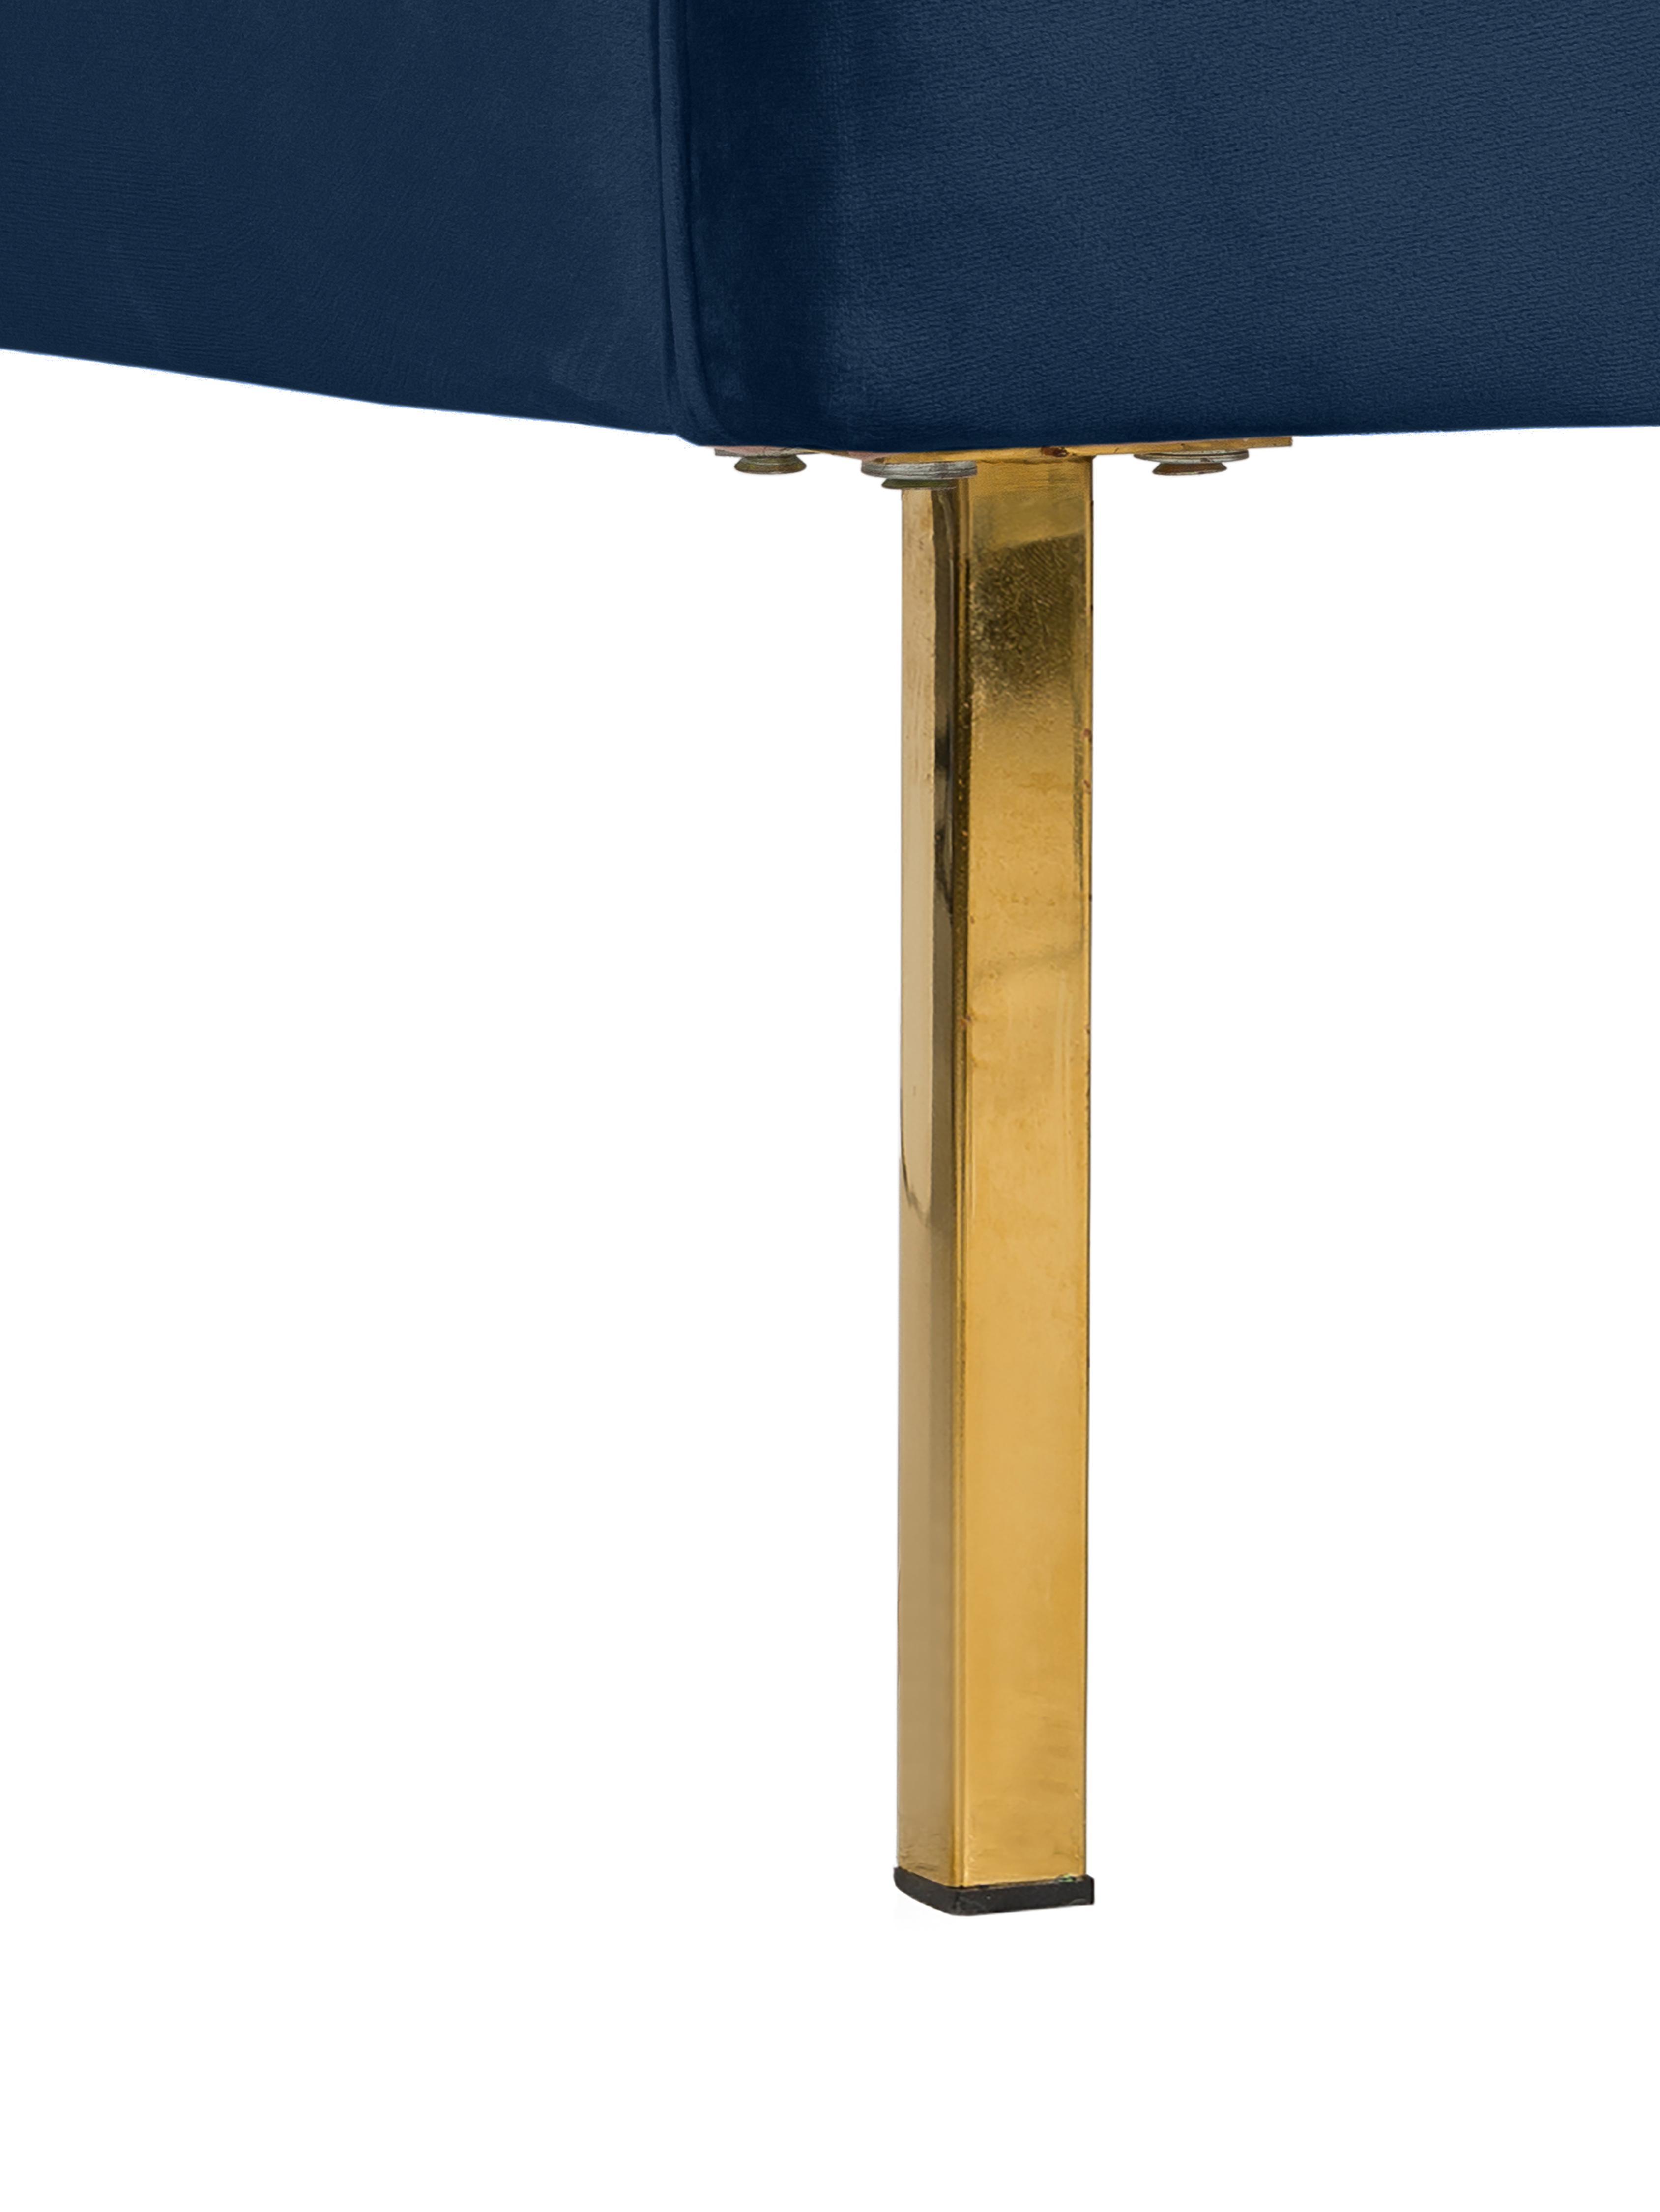 Divano Chesterfield in velluto Chiara (2 posti), Rivestimento: velluto (poliestere) 20.0, Struttura: legno di betulla massicci, Piedini: metallo, zincato, Blu, Larg. 170 x Prof. 72 cm